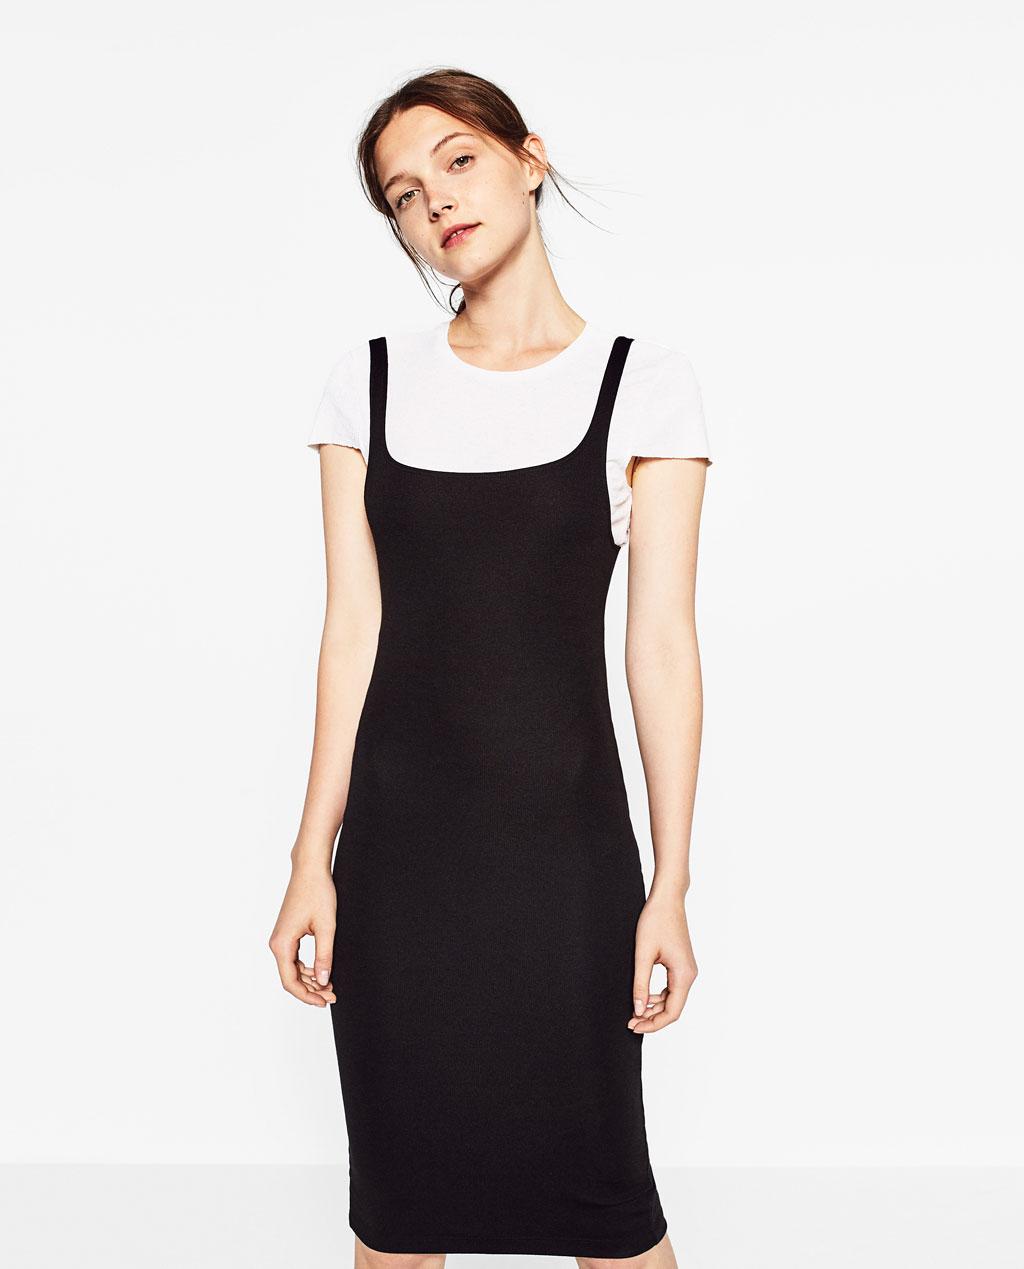 e9570e18 Одежда из линии Zara Basic продаётся по более доступной цене, в отличии от  Zara Woman, но не уступает ей в качестве.